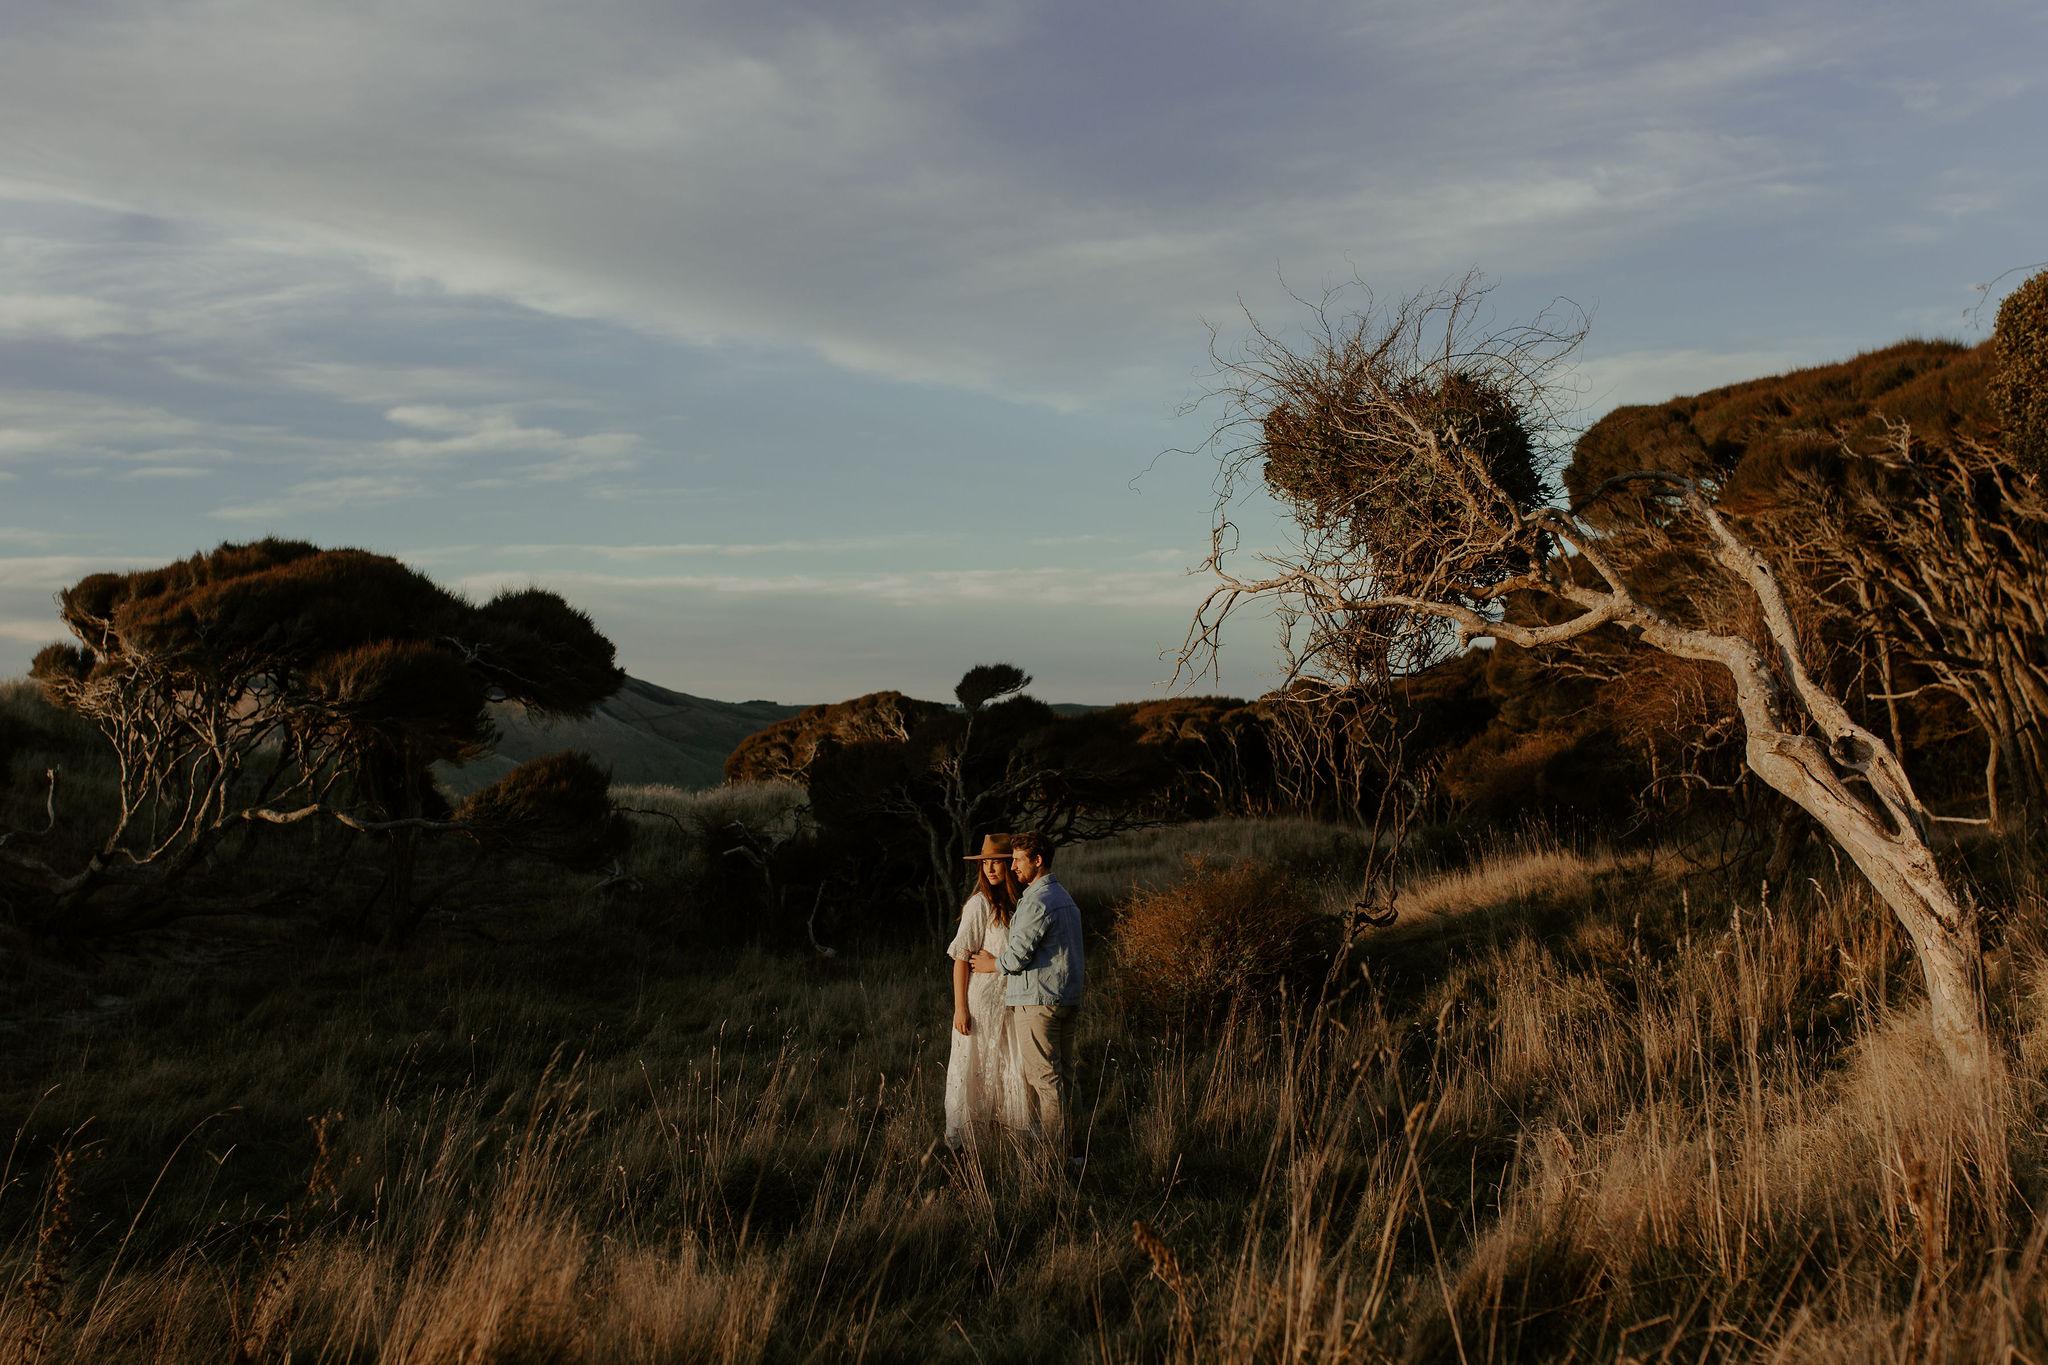 Dunedin-NewZealand-Elopement-Engagement-Photographer-Sam-Ashlie-6657.jpg